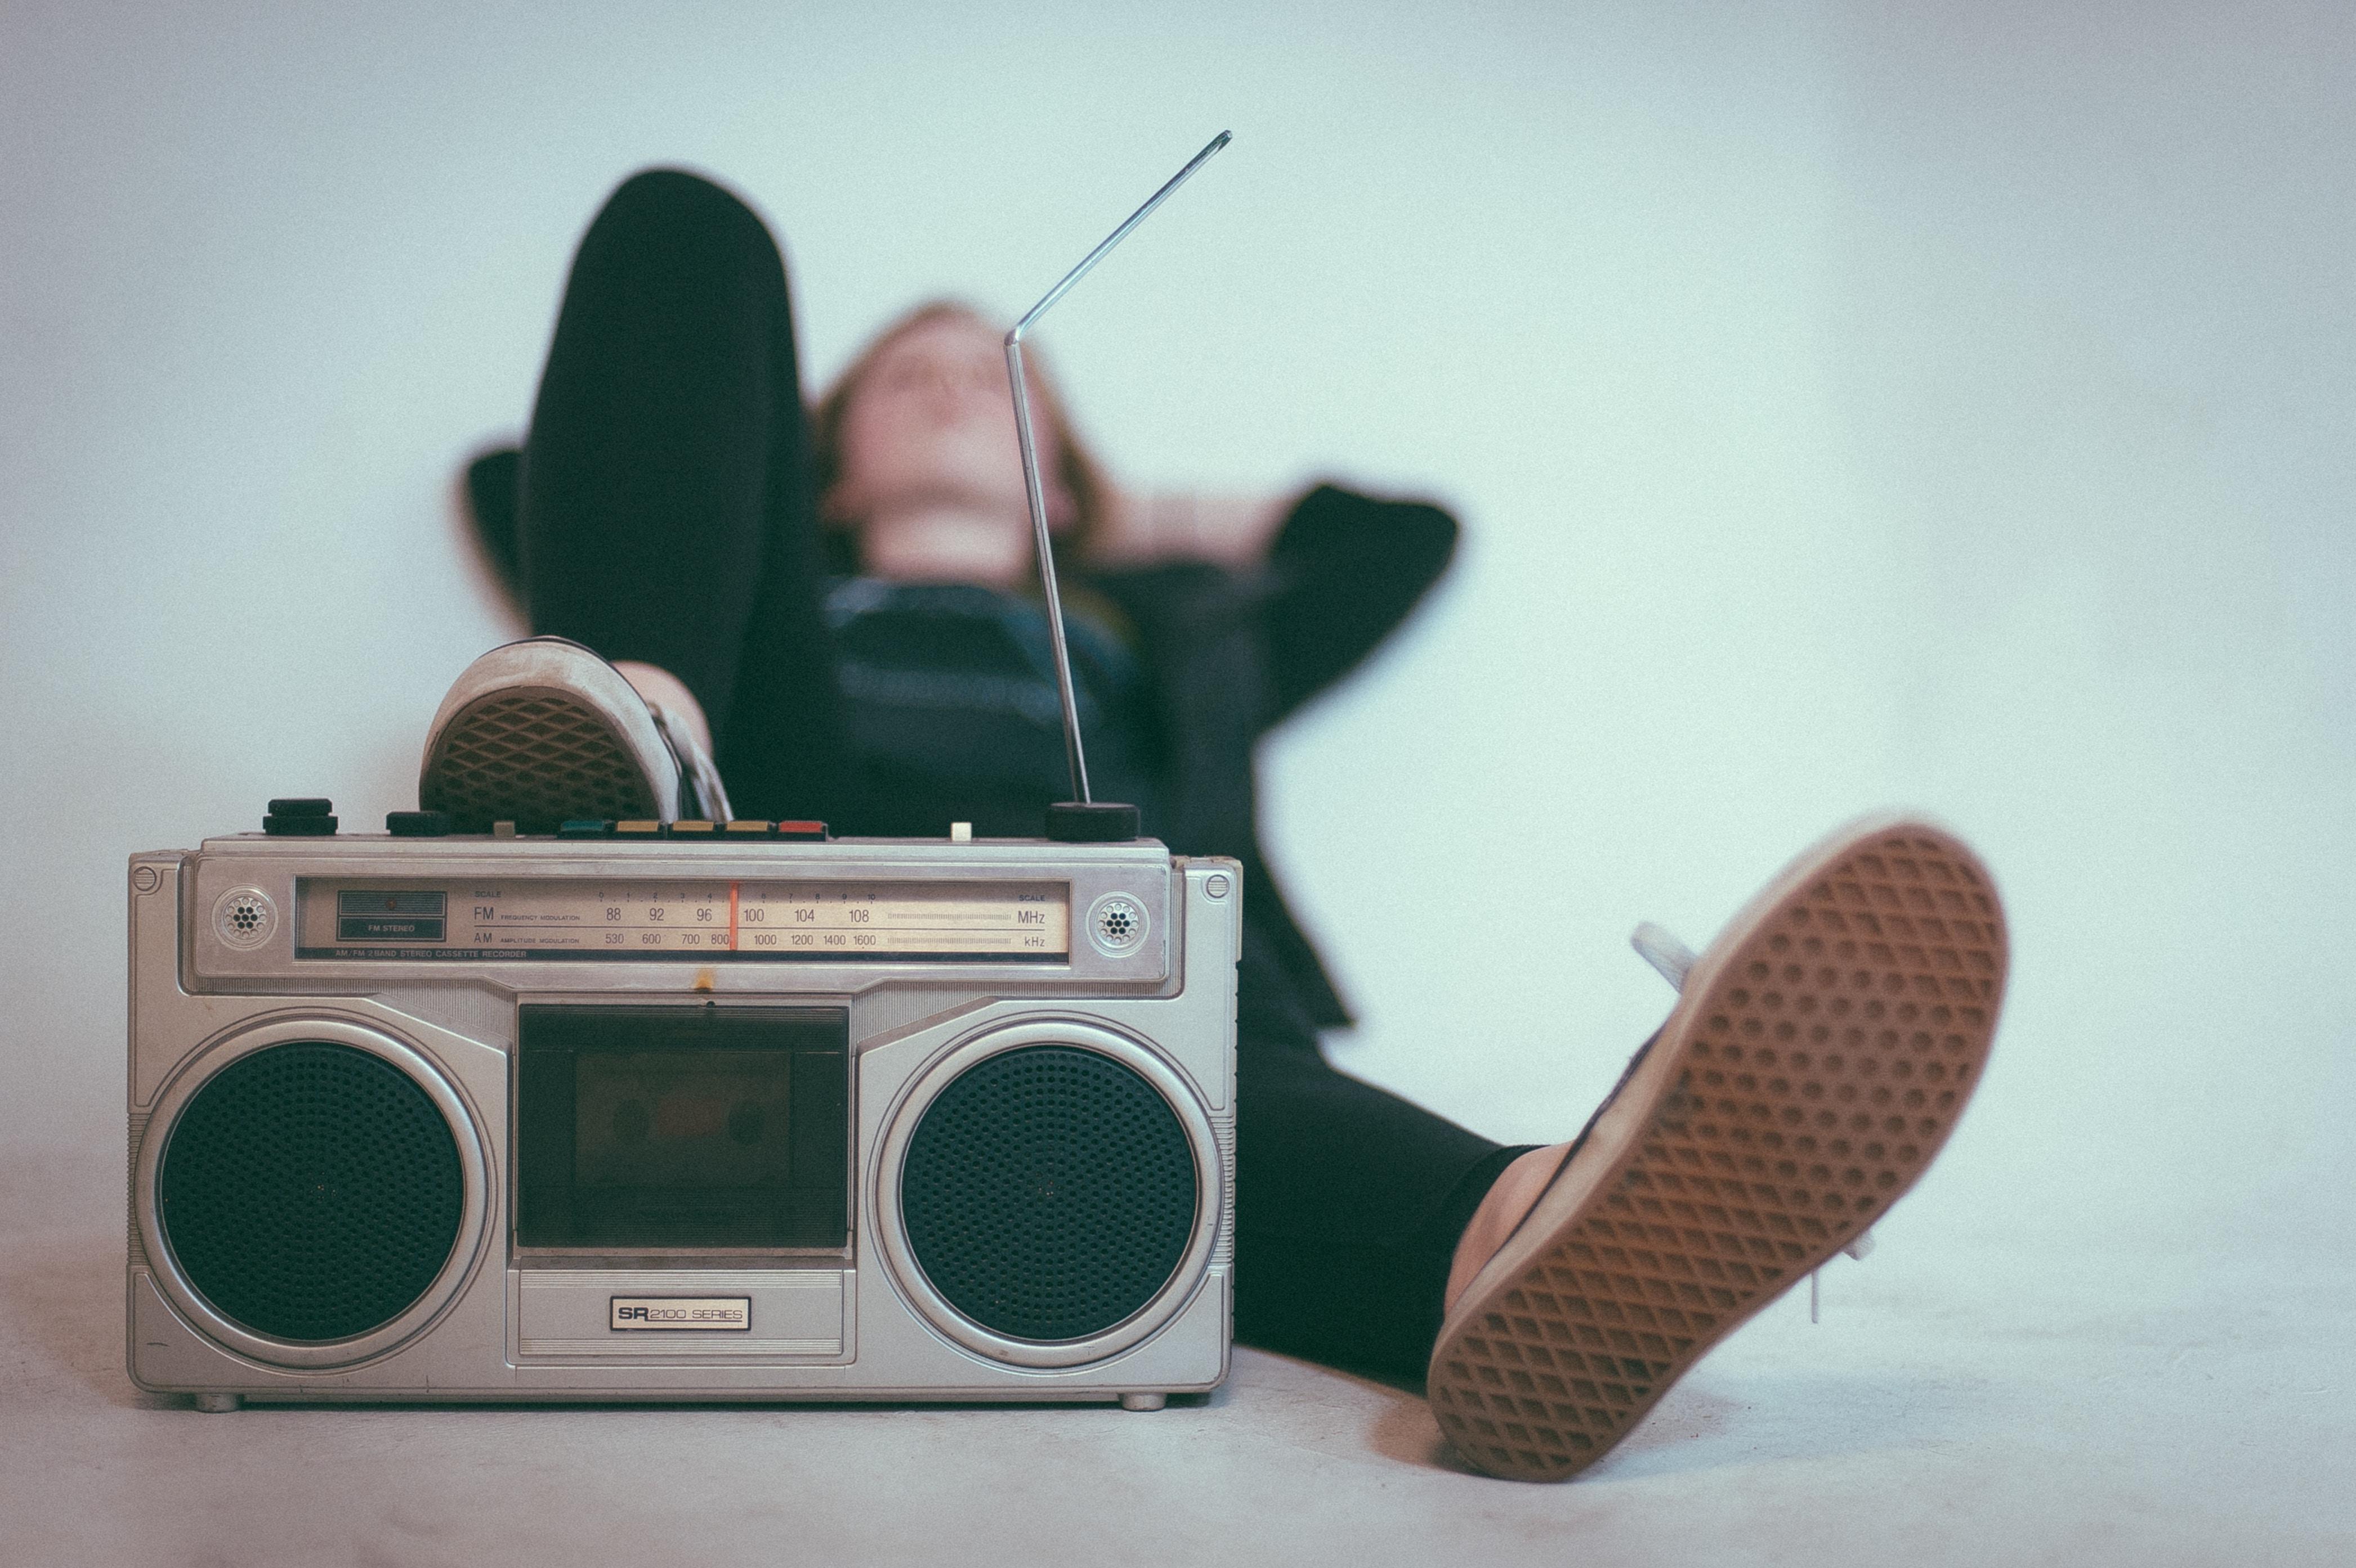 Hvad lytter I til hjemme hos dig?